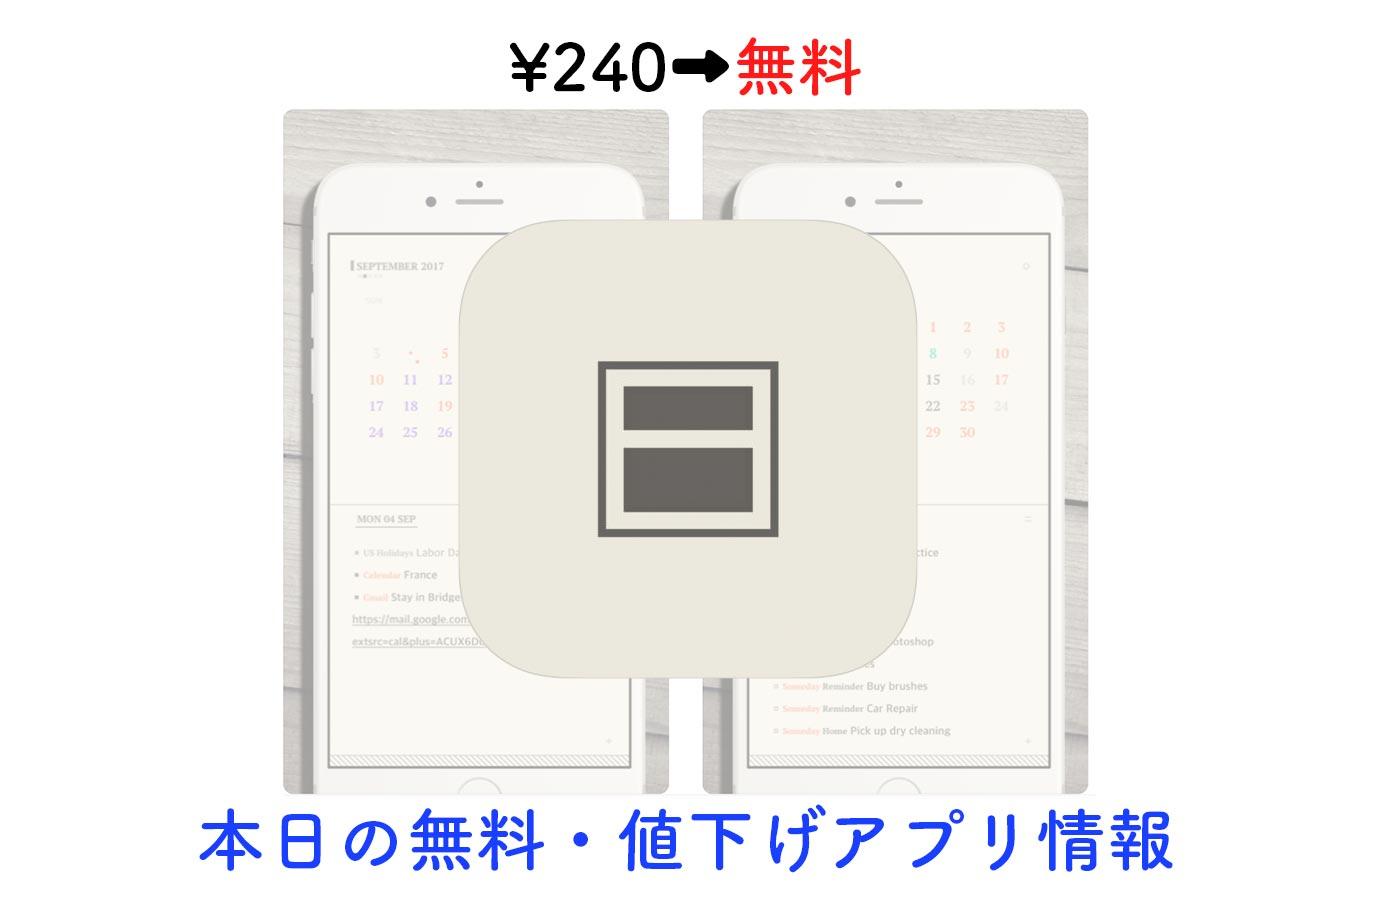 ¥240→無料、メモのようにかけるカレンダーアプリ「Mojipad」など【3/27】セールアプリ情報